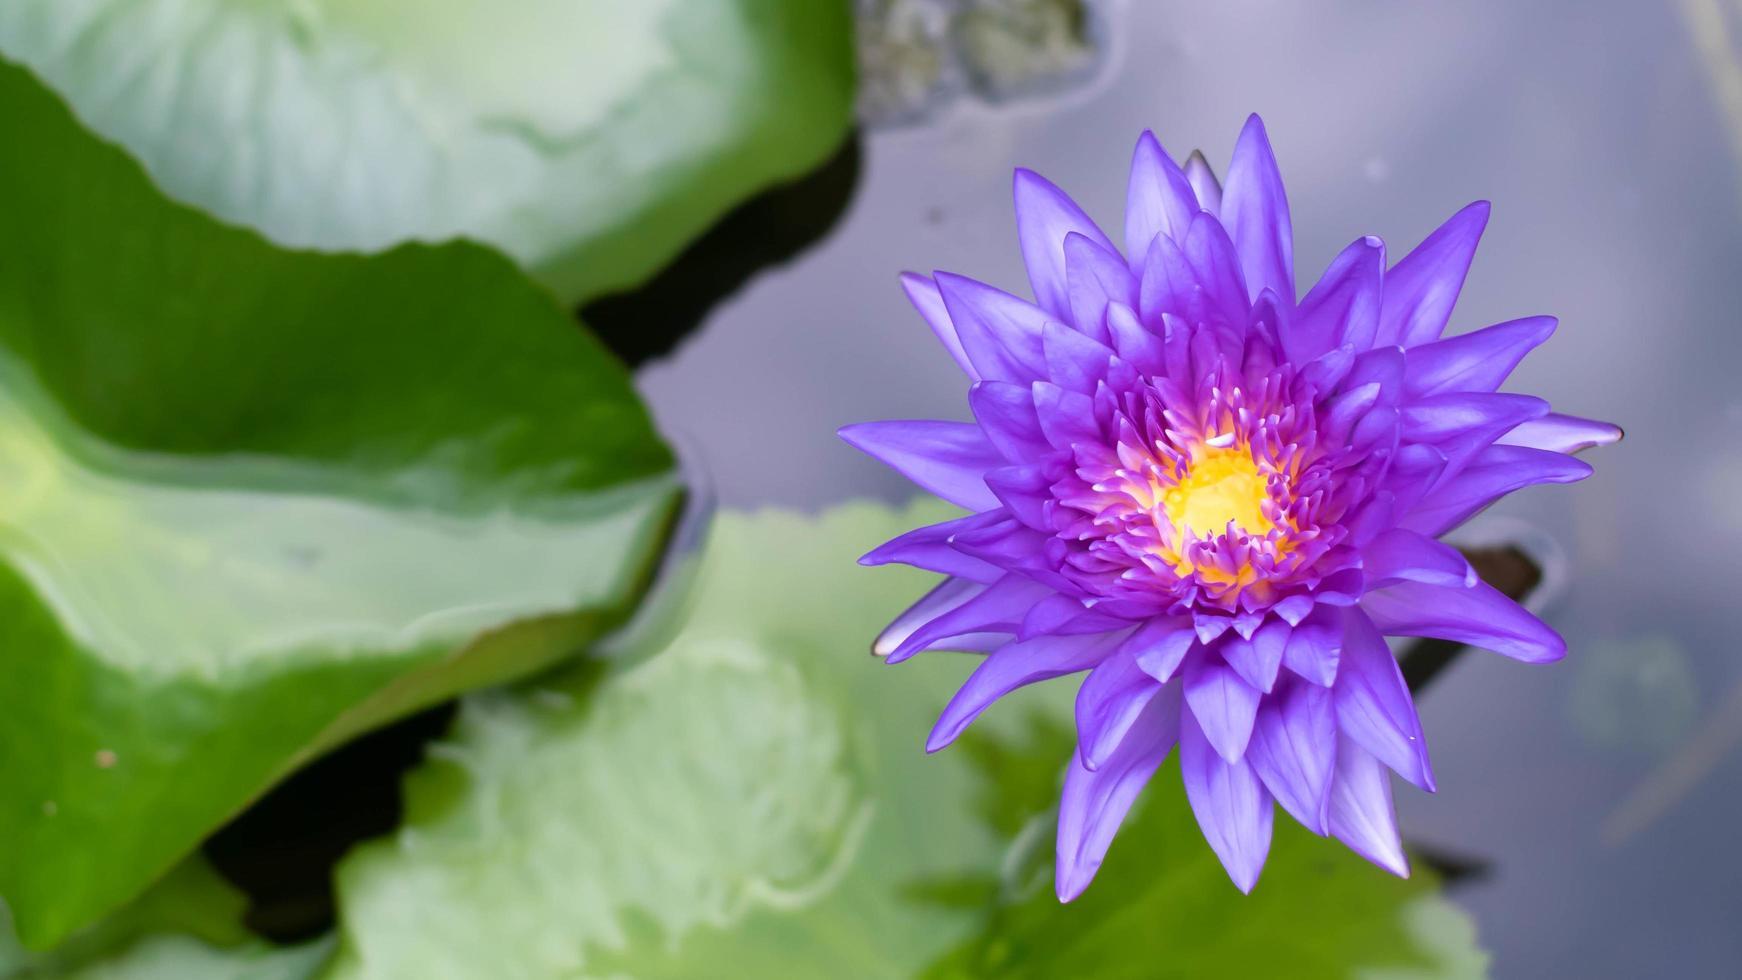 flor de lótus roxa em um lago foto